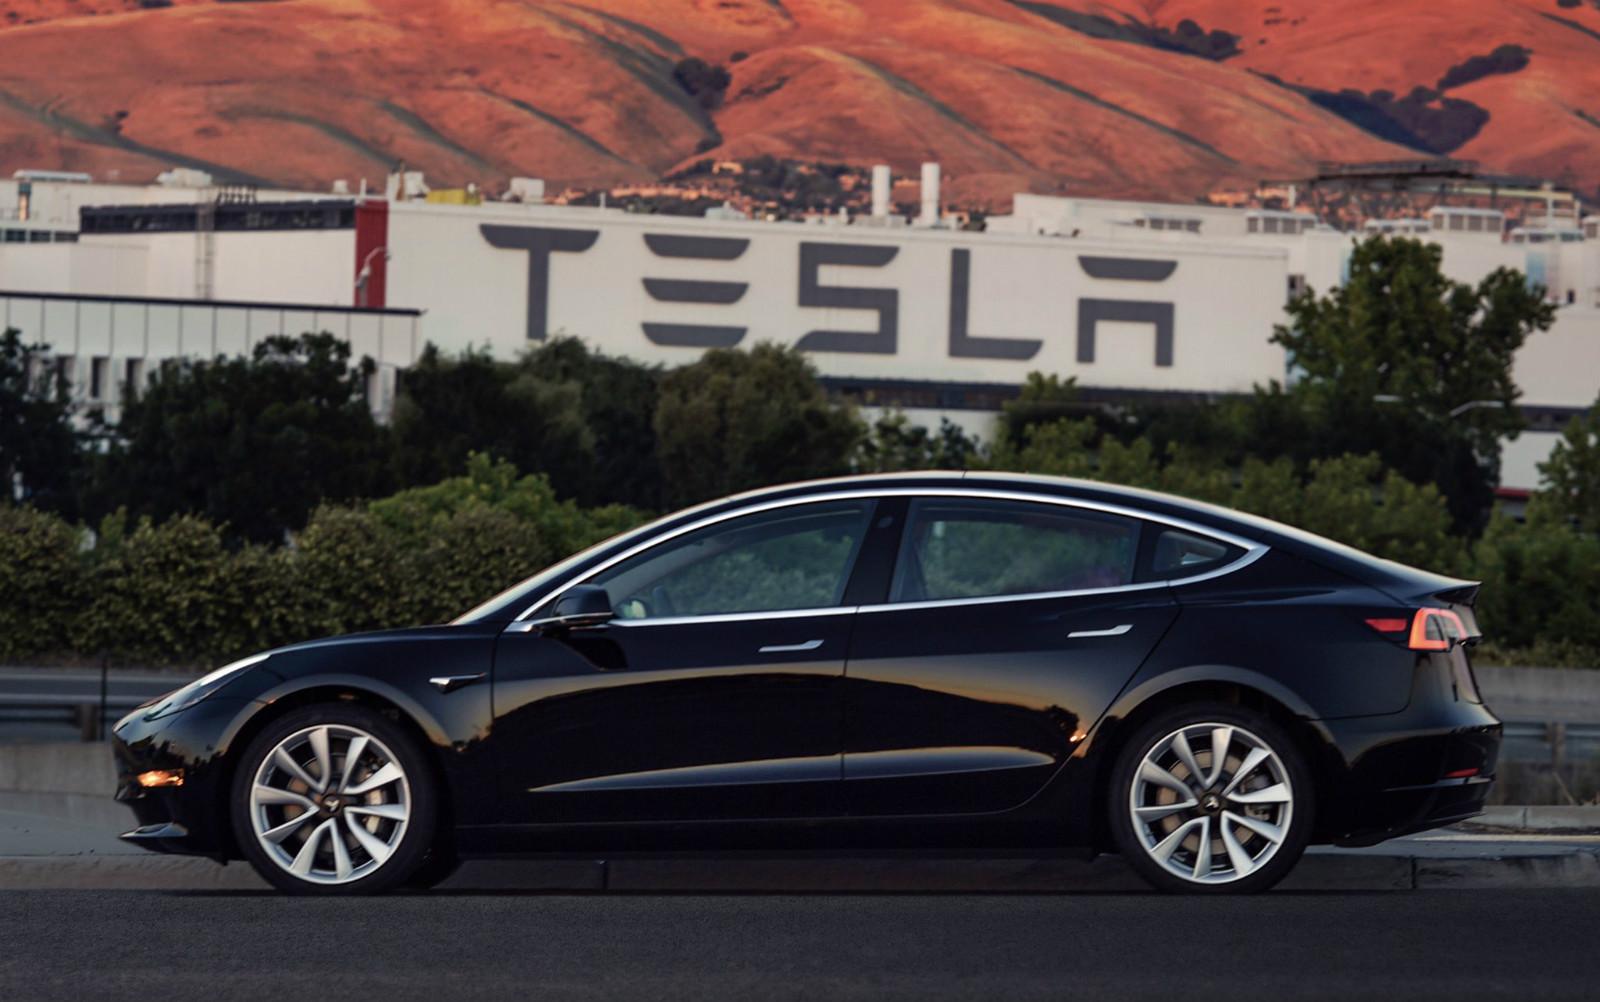 """Obrázek nového """"levného"""" Modelu 3 automobilky Tesla zveřejnil její šéf Elon Musk začátkem července 2017. Zdroj: twitter"""